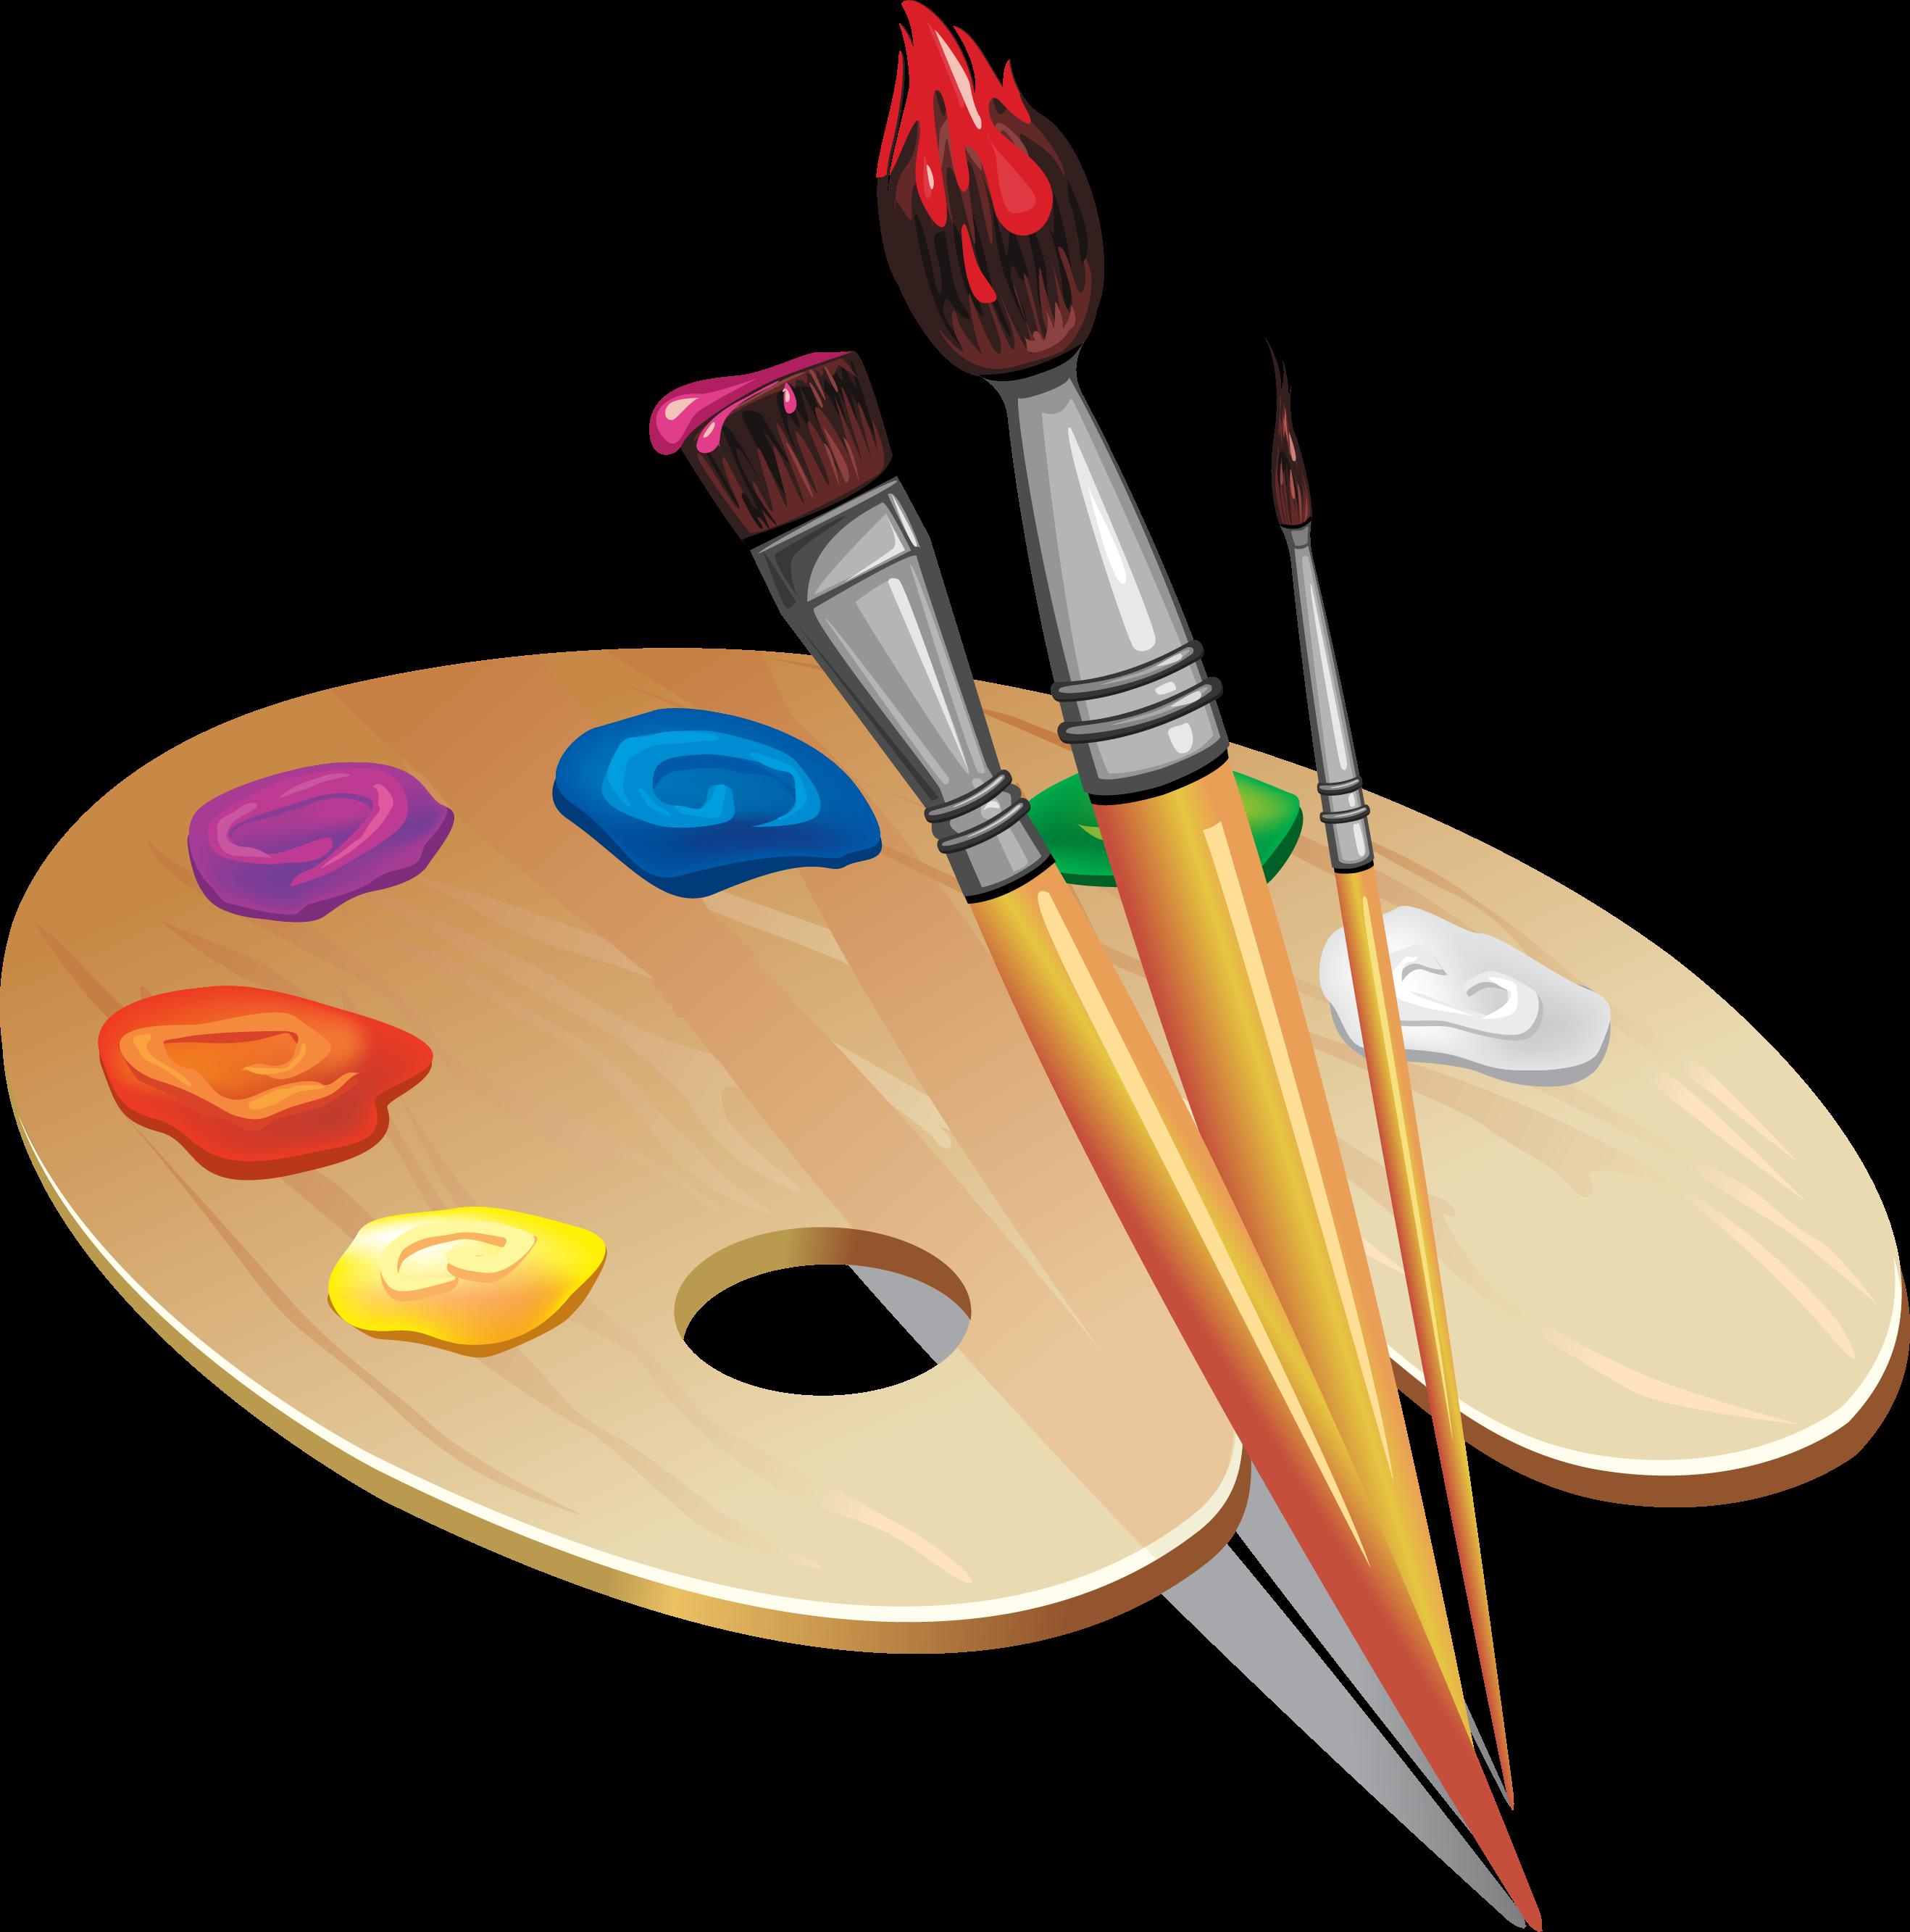 минувшей картинки для художника предметы для рисования можете